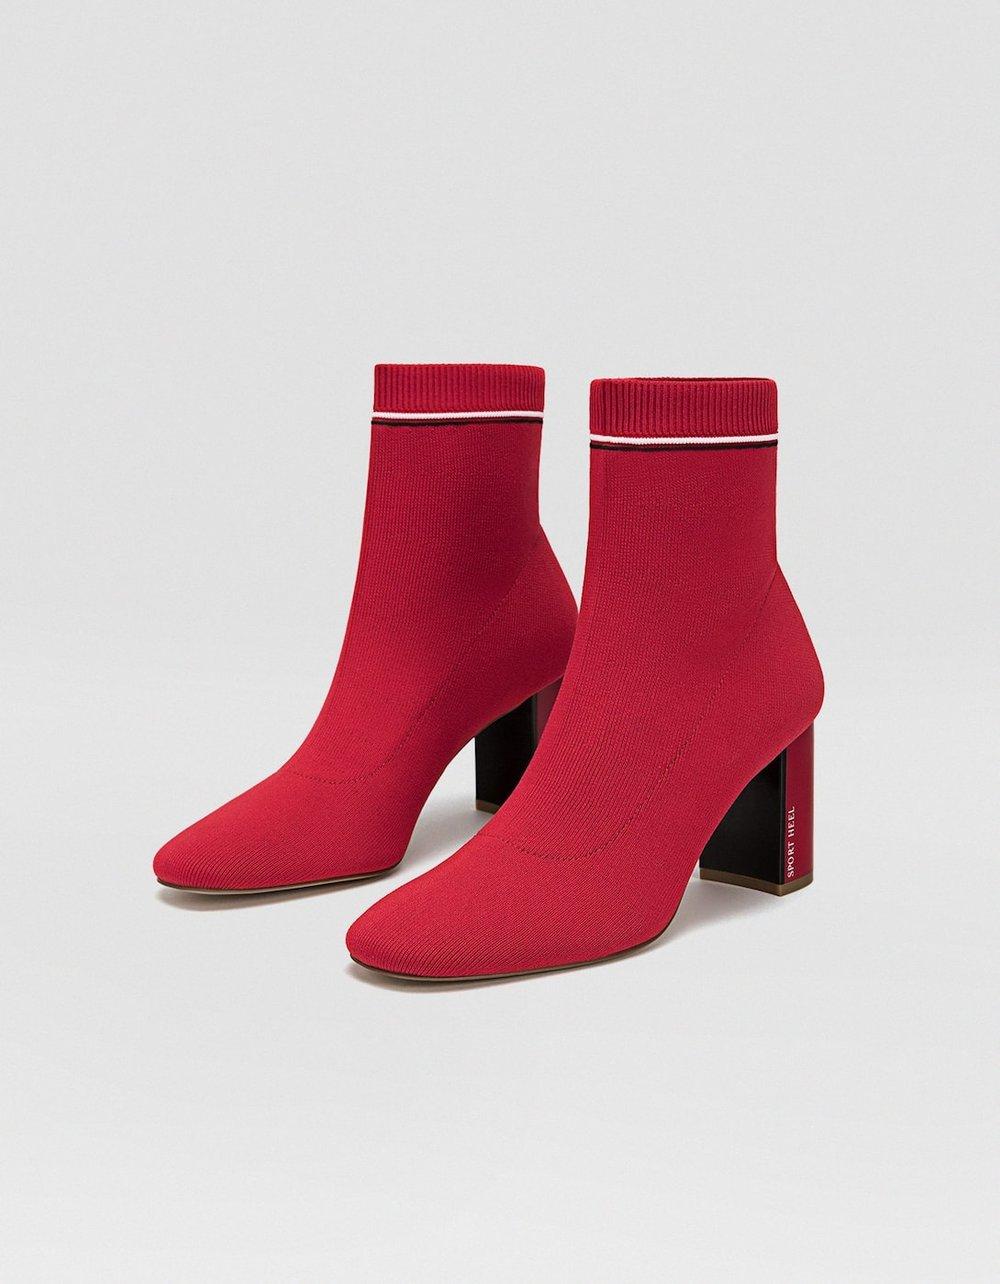 7 boots.jpg